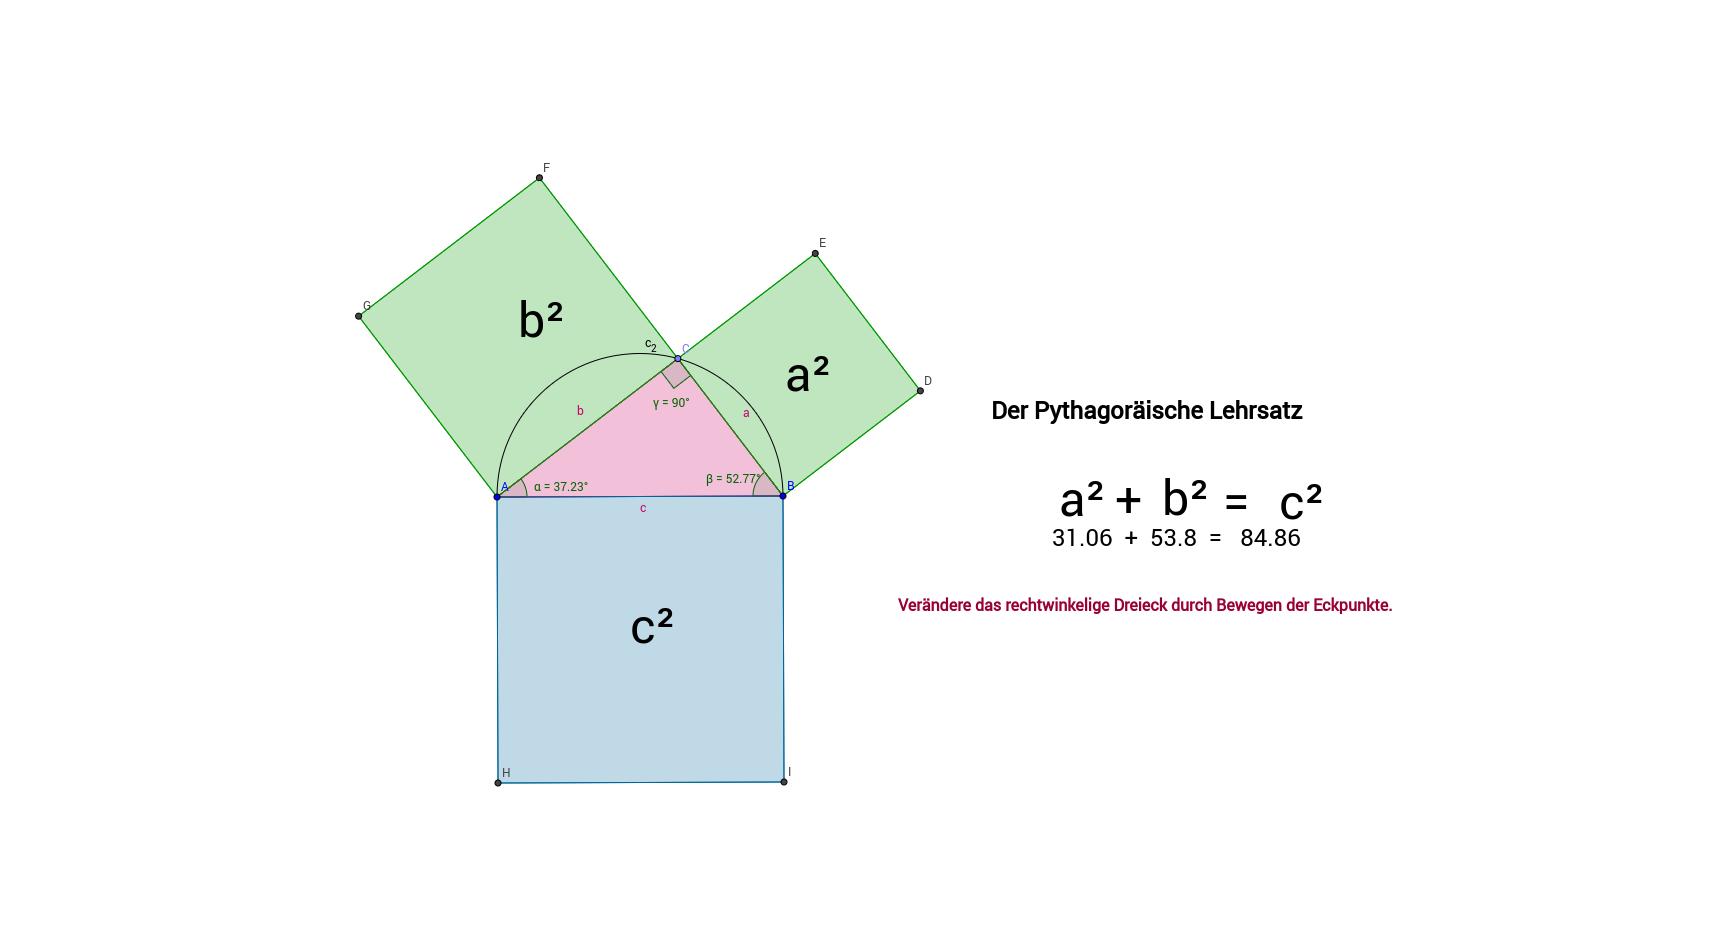 Pythagoräischer Lehrsatz - Flächenberechnung